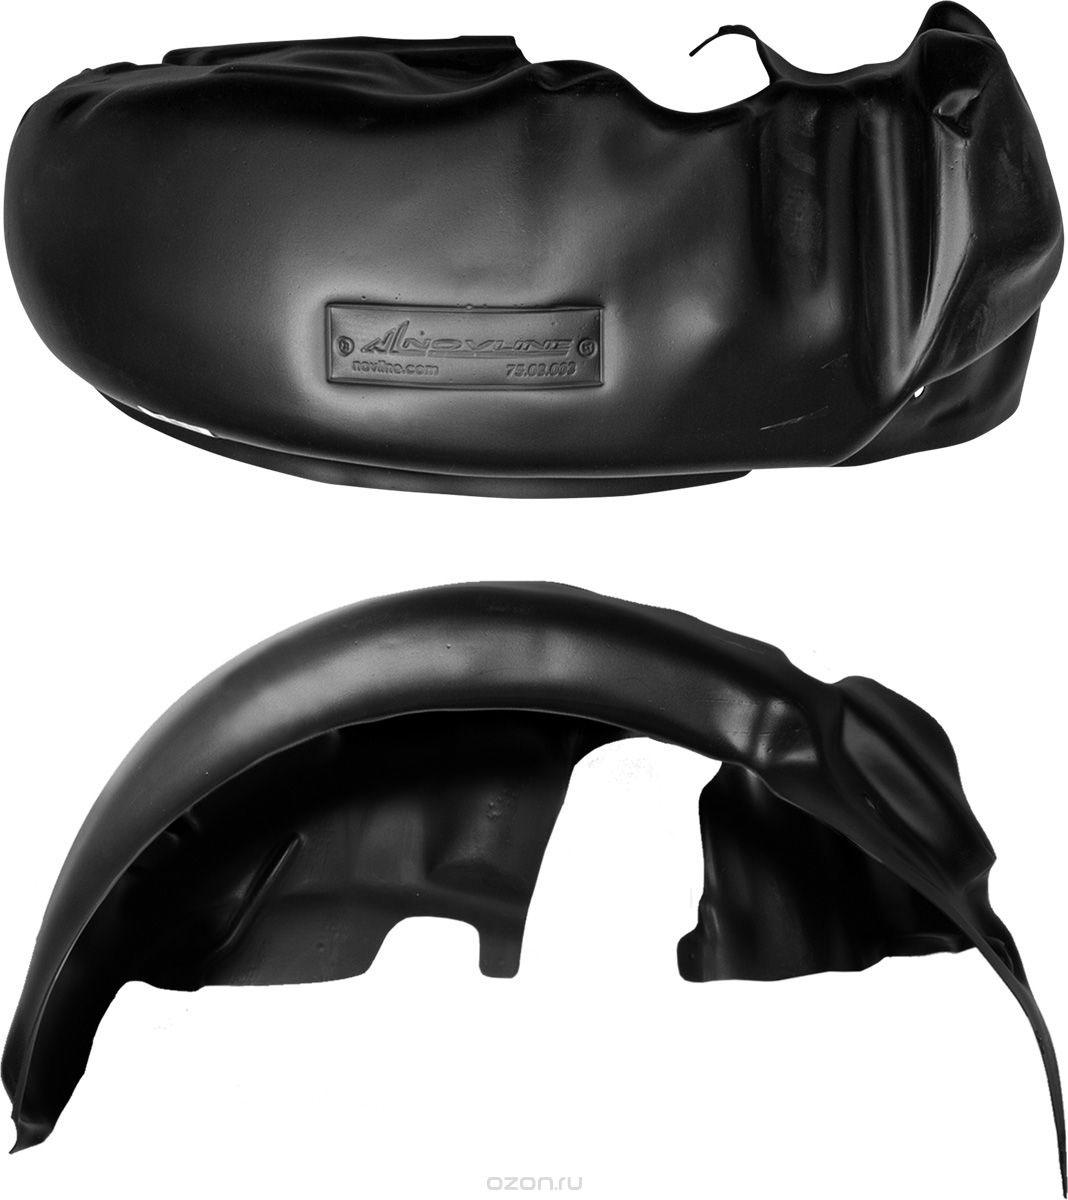 Подкрылок Novline-Autofamily, для Lifan X50, 06/2015->, кроссовер, передний левыйNLL.73.09.001Идеальная защита колесной ниши. Локеры разработаны с применением цифровых технологий, гарантируют максимальную повторяемость поверхности арки. Изделия устанавливаются без нарушения лакокрасочного покрытия автомобиля, каждый подкрылок комплектуется крепежом. Уважаемые клиенты, обращаем ваше внимание, что фотографии на подкрылки универсальные и не отражают реальную форму изделия. При этом само изделие идет точно под размер указанного автомобиля.